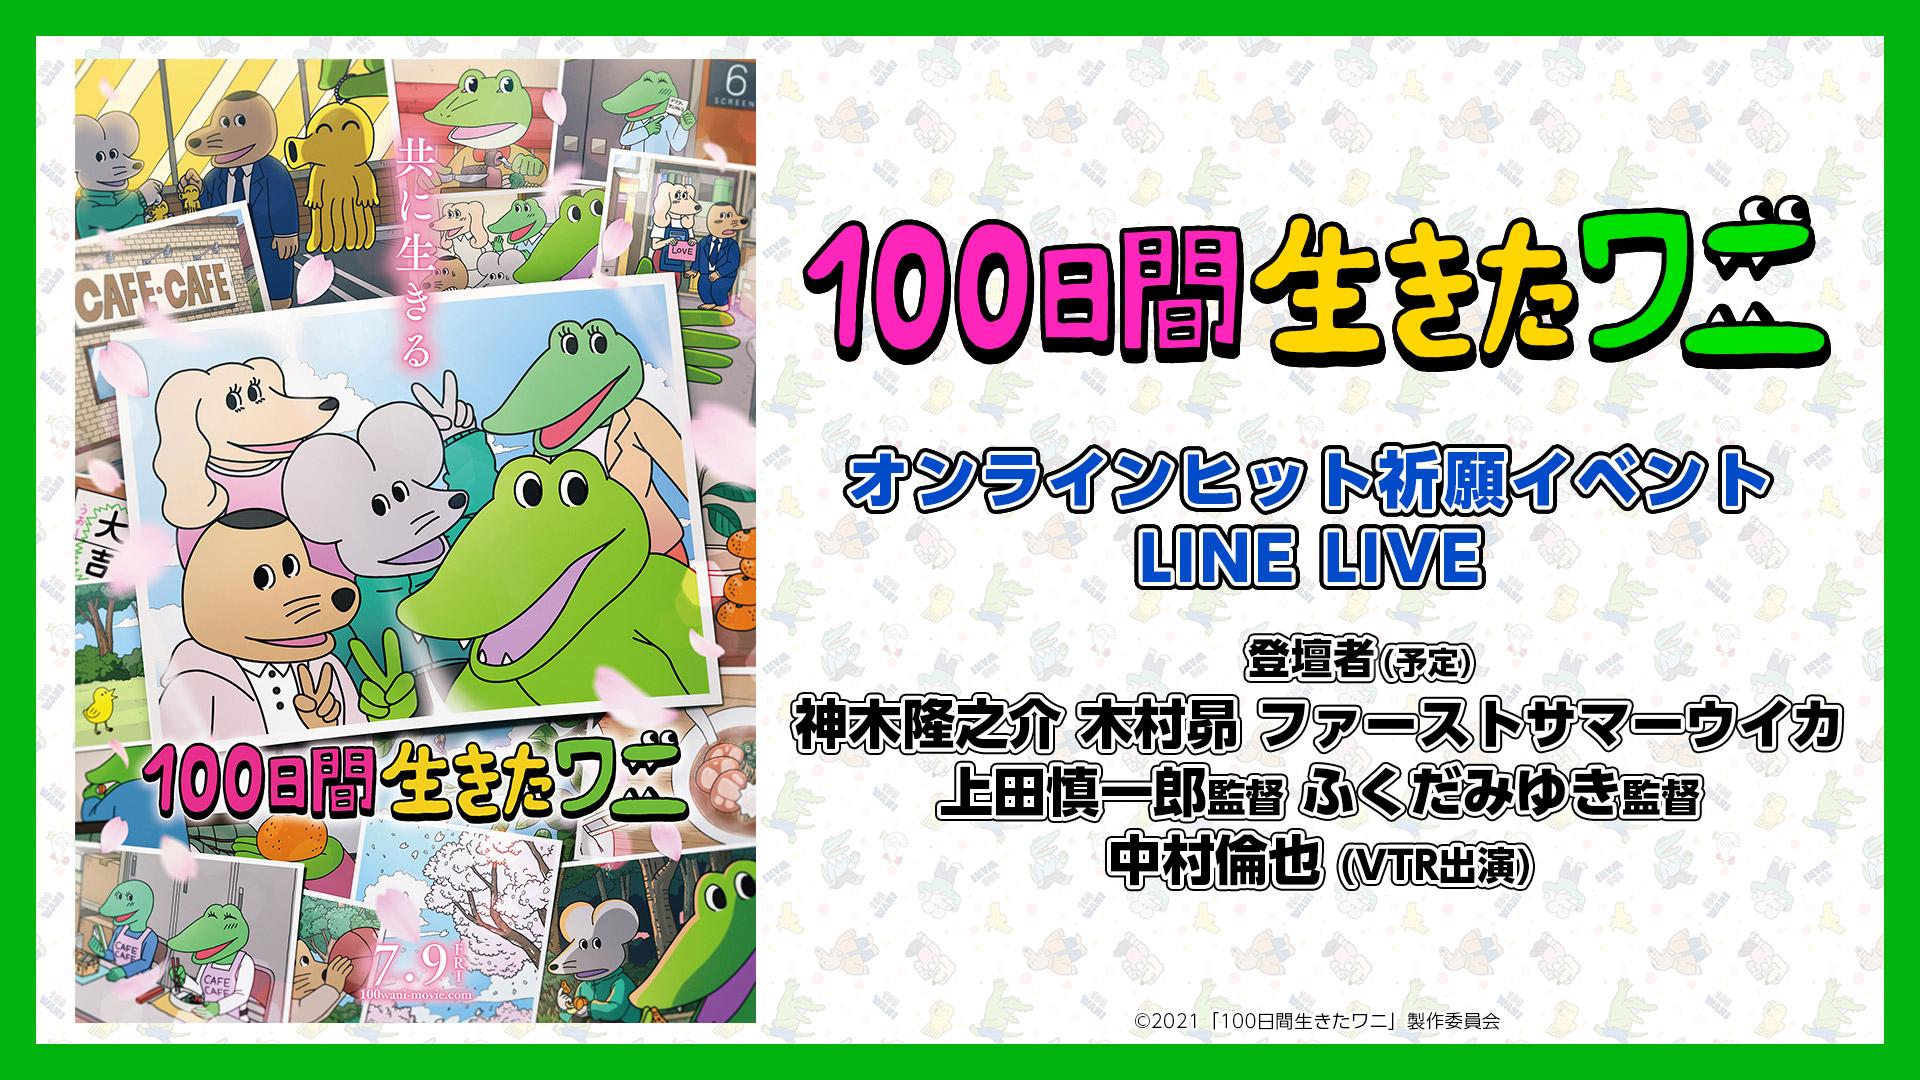 映画『100日間生きたワニ』オンラインヒット祈願イベント ライブ配信